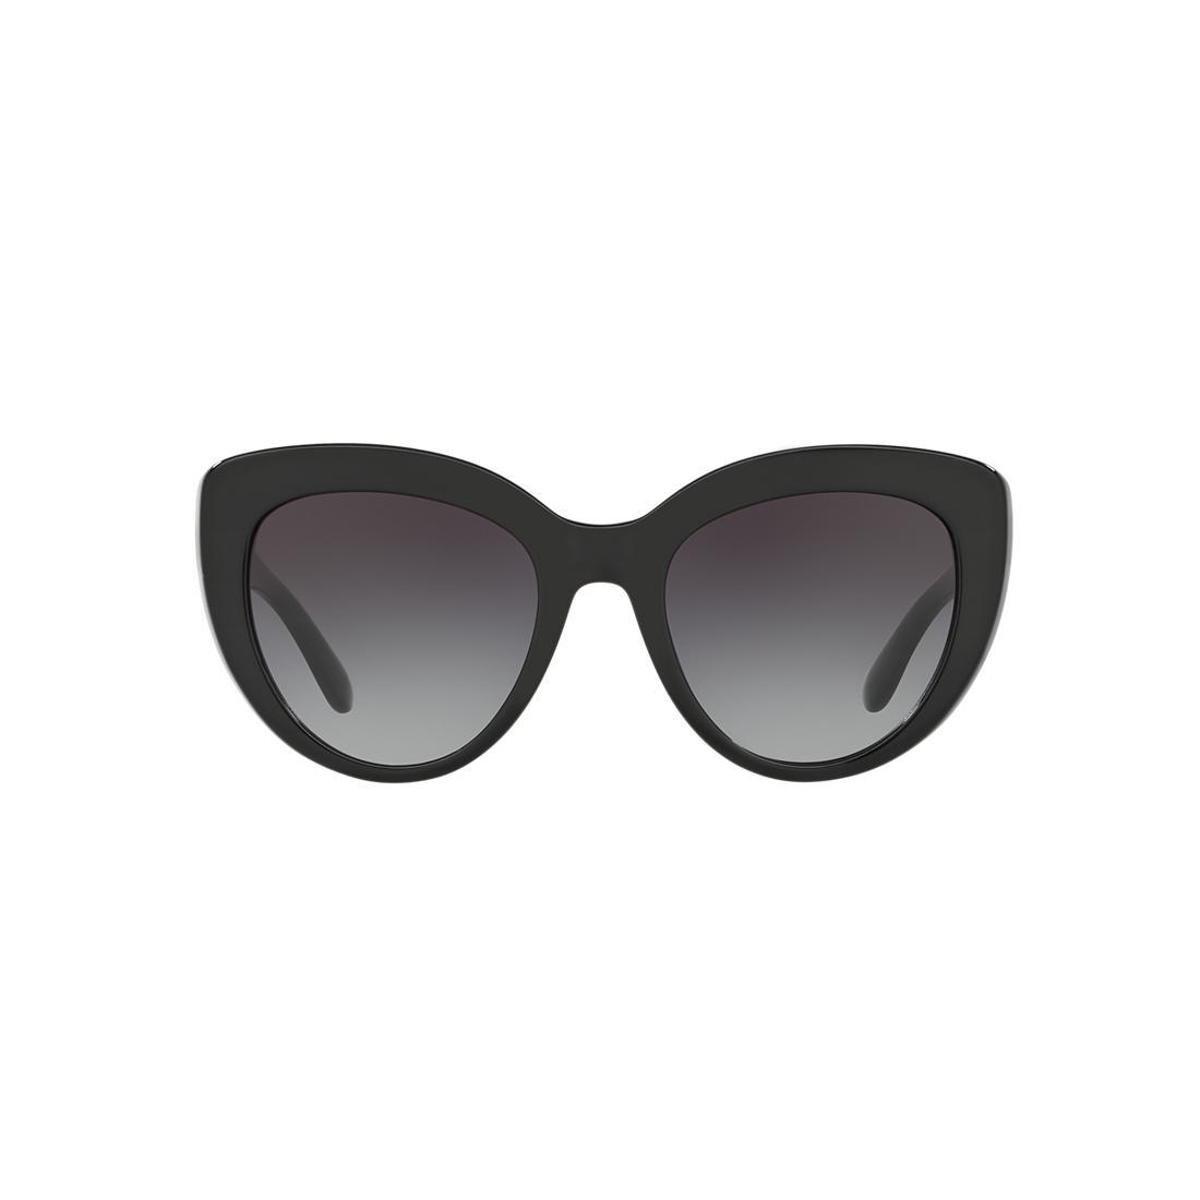 Óculos de Sol Dolce   Gabbana Gatinho DG4287 Feminino - Compre Agora ... a827fae228